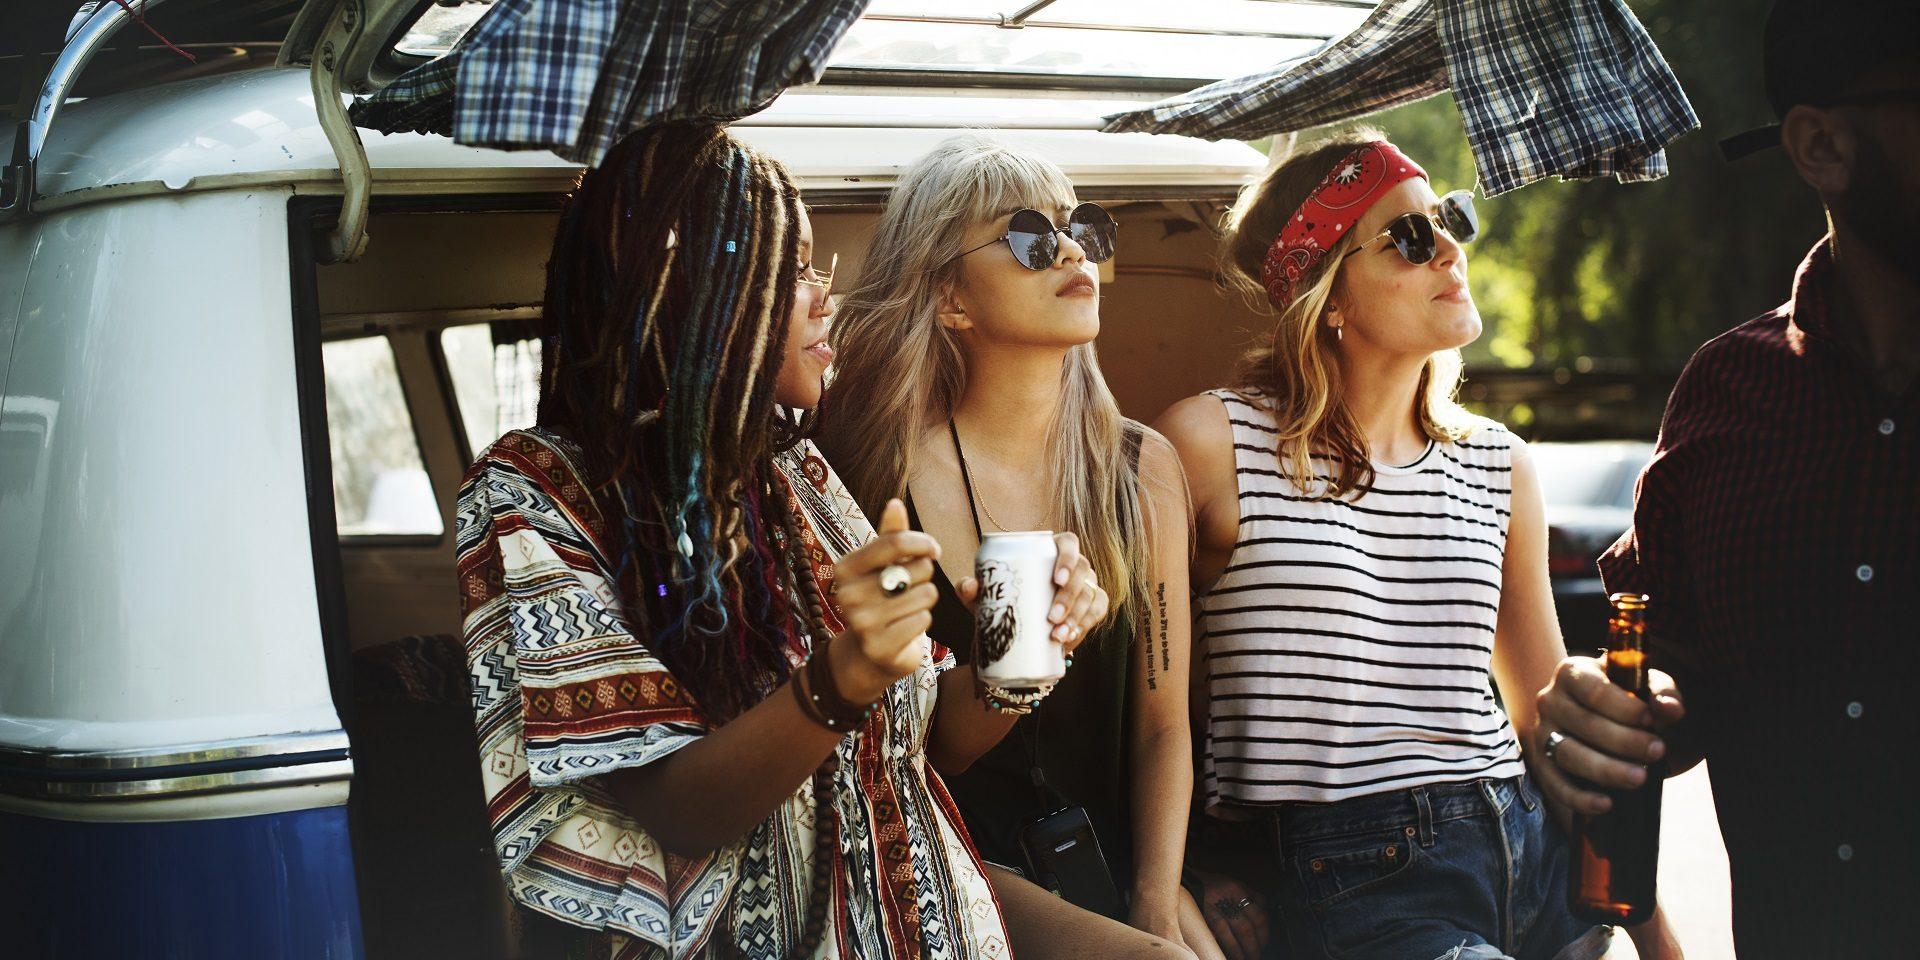 Upbeat & Energetic Indie Rock - Royalty Free Music